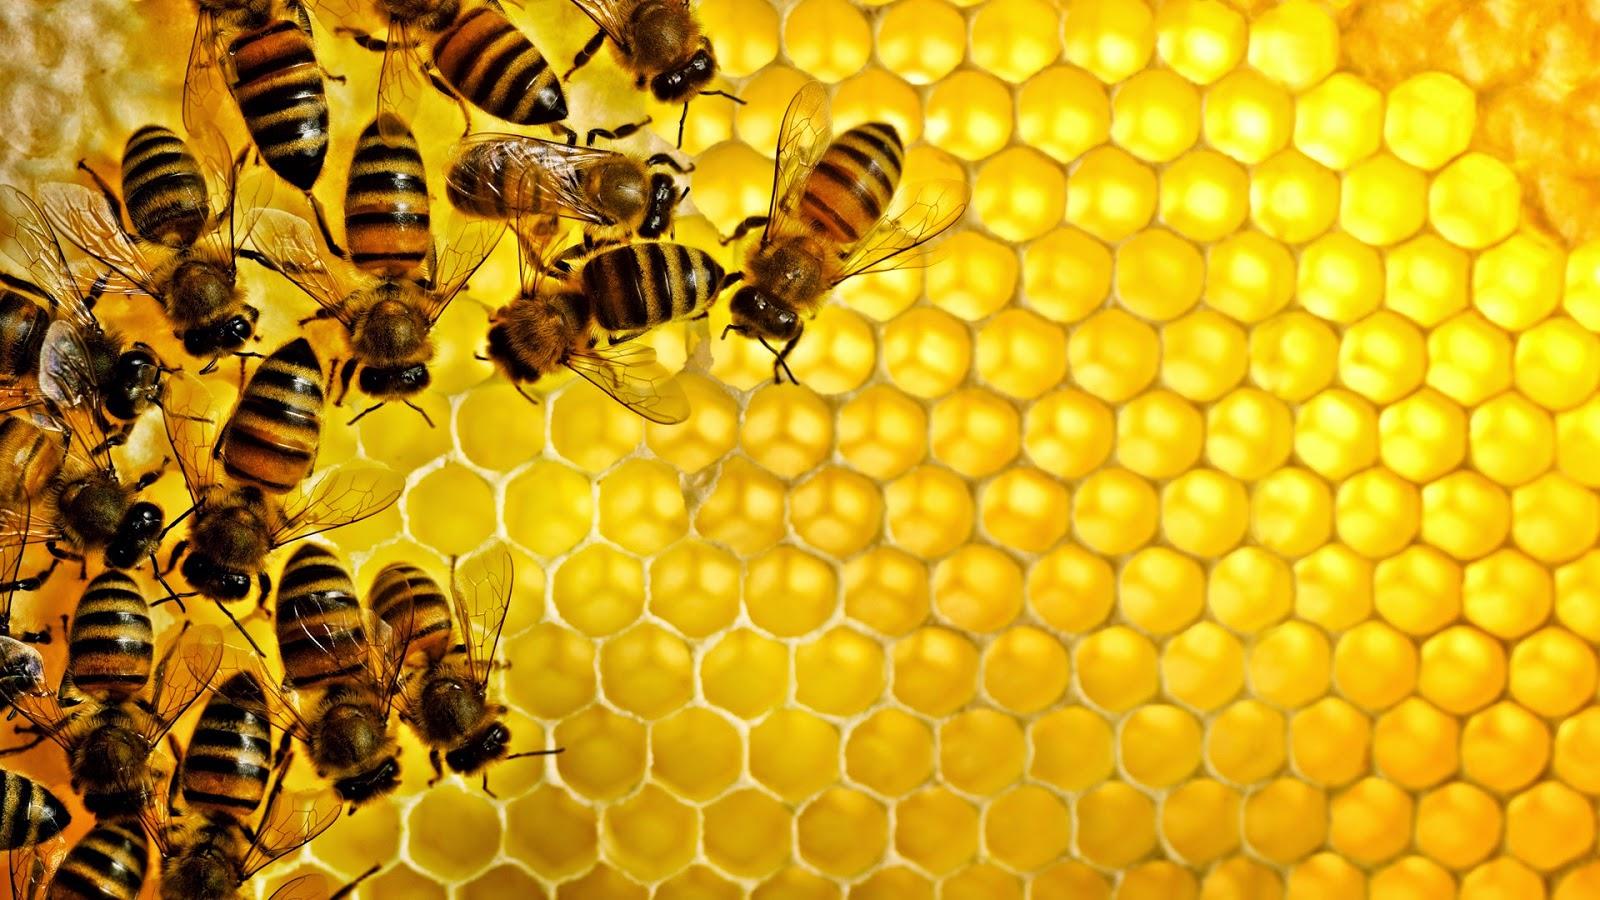 أخبار علمية :  النحل يعرف  كيفية إنجاز عمليات  الجمع و الطرح.